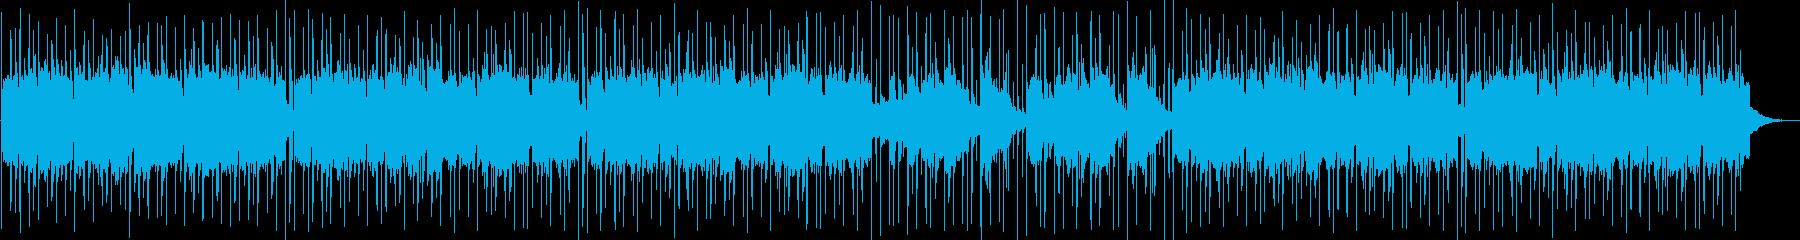 少し哀愁を感じるしっとりした琴の調べの再生済みの波形